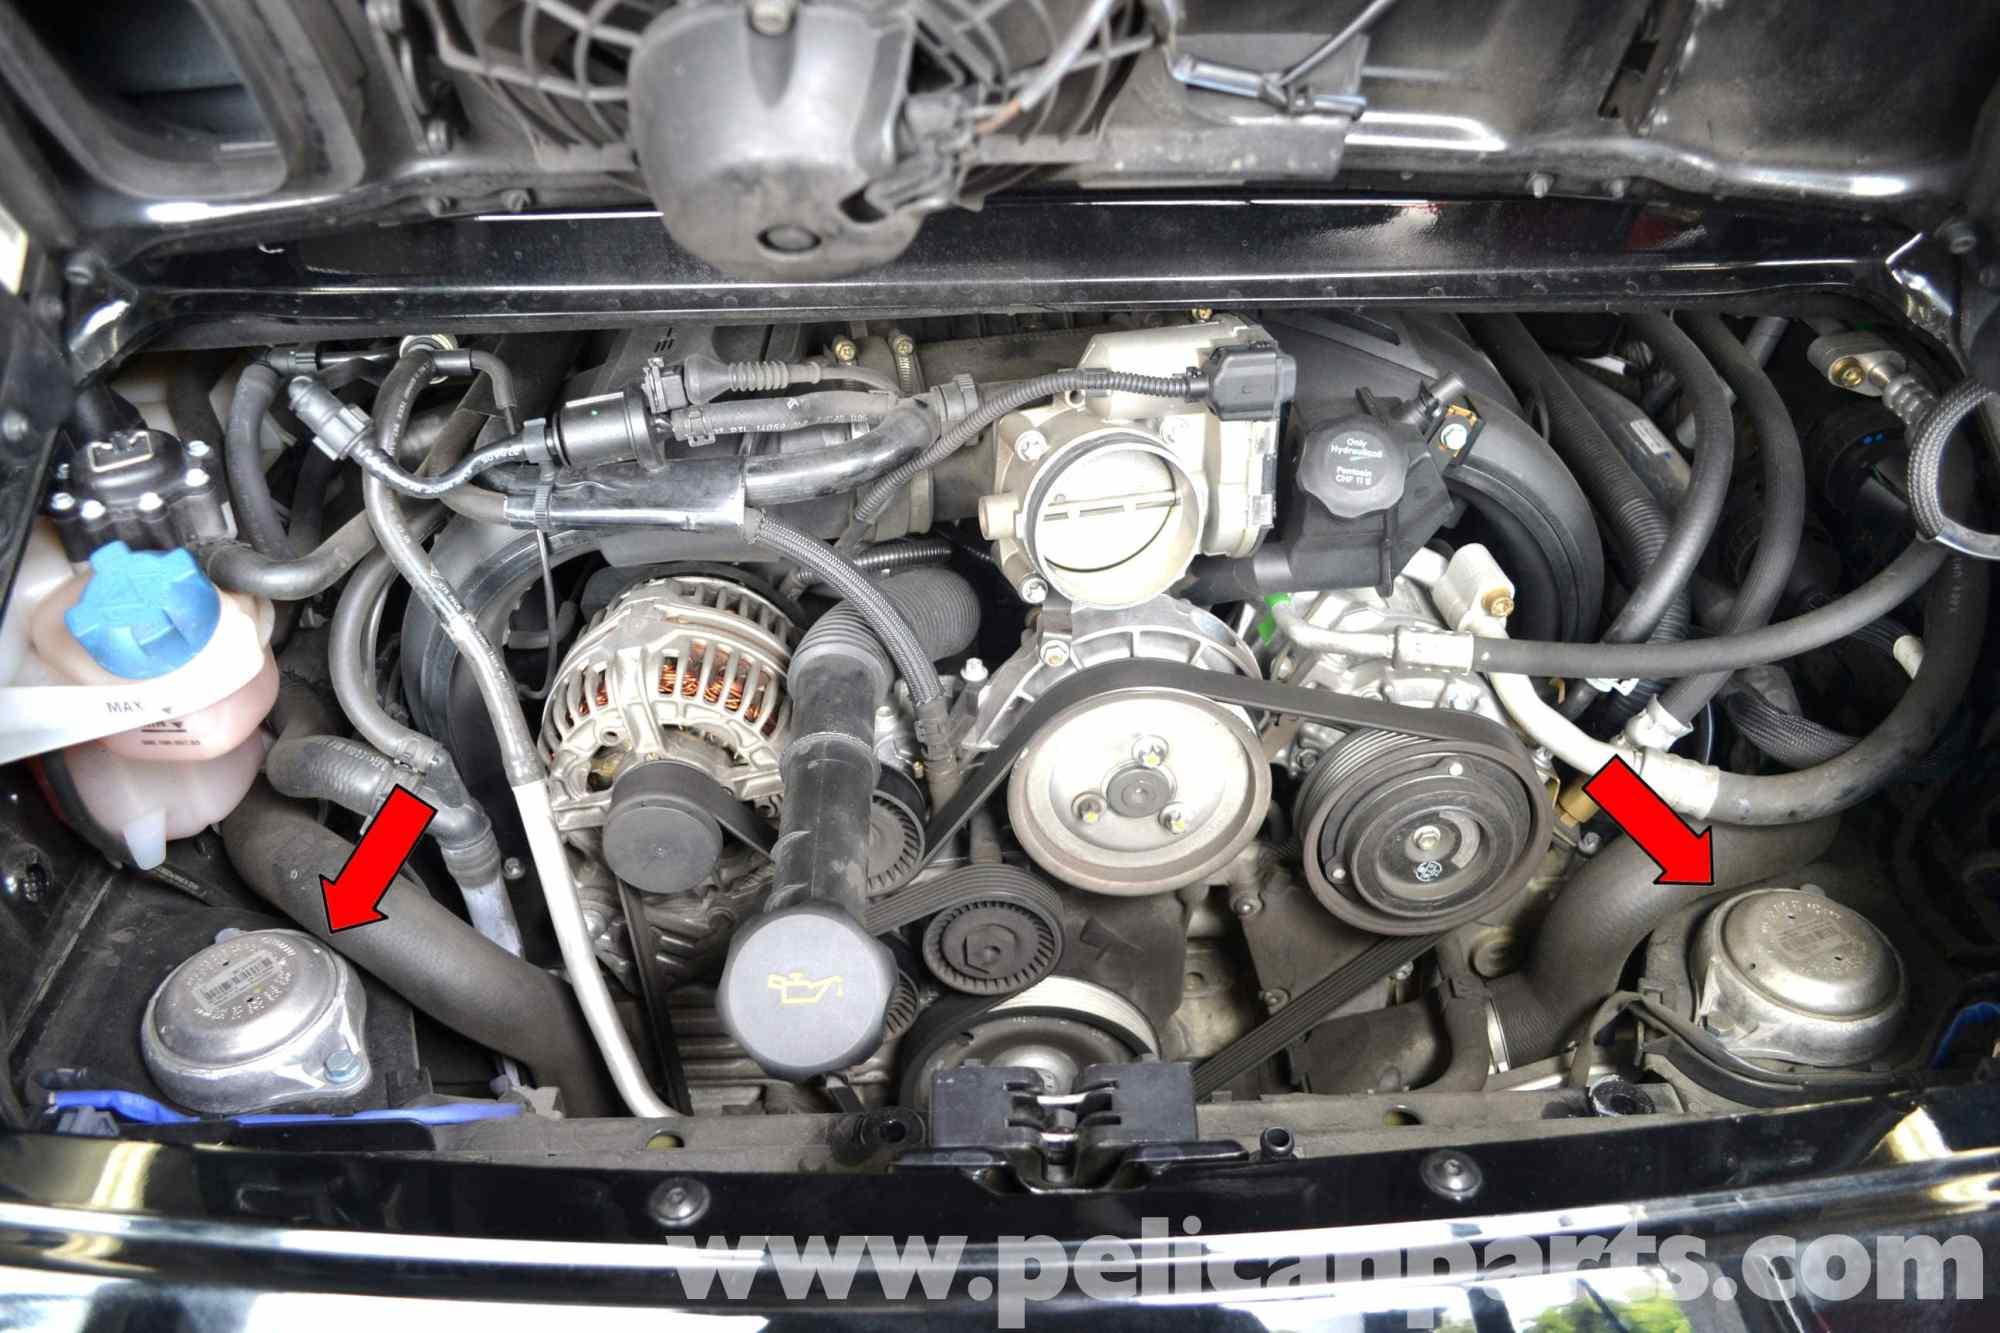 hight resolution of 2000 porsche boxster engine diagram porsche 987 engine porsche boxter exhaust extension porsche 987 engine